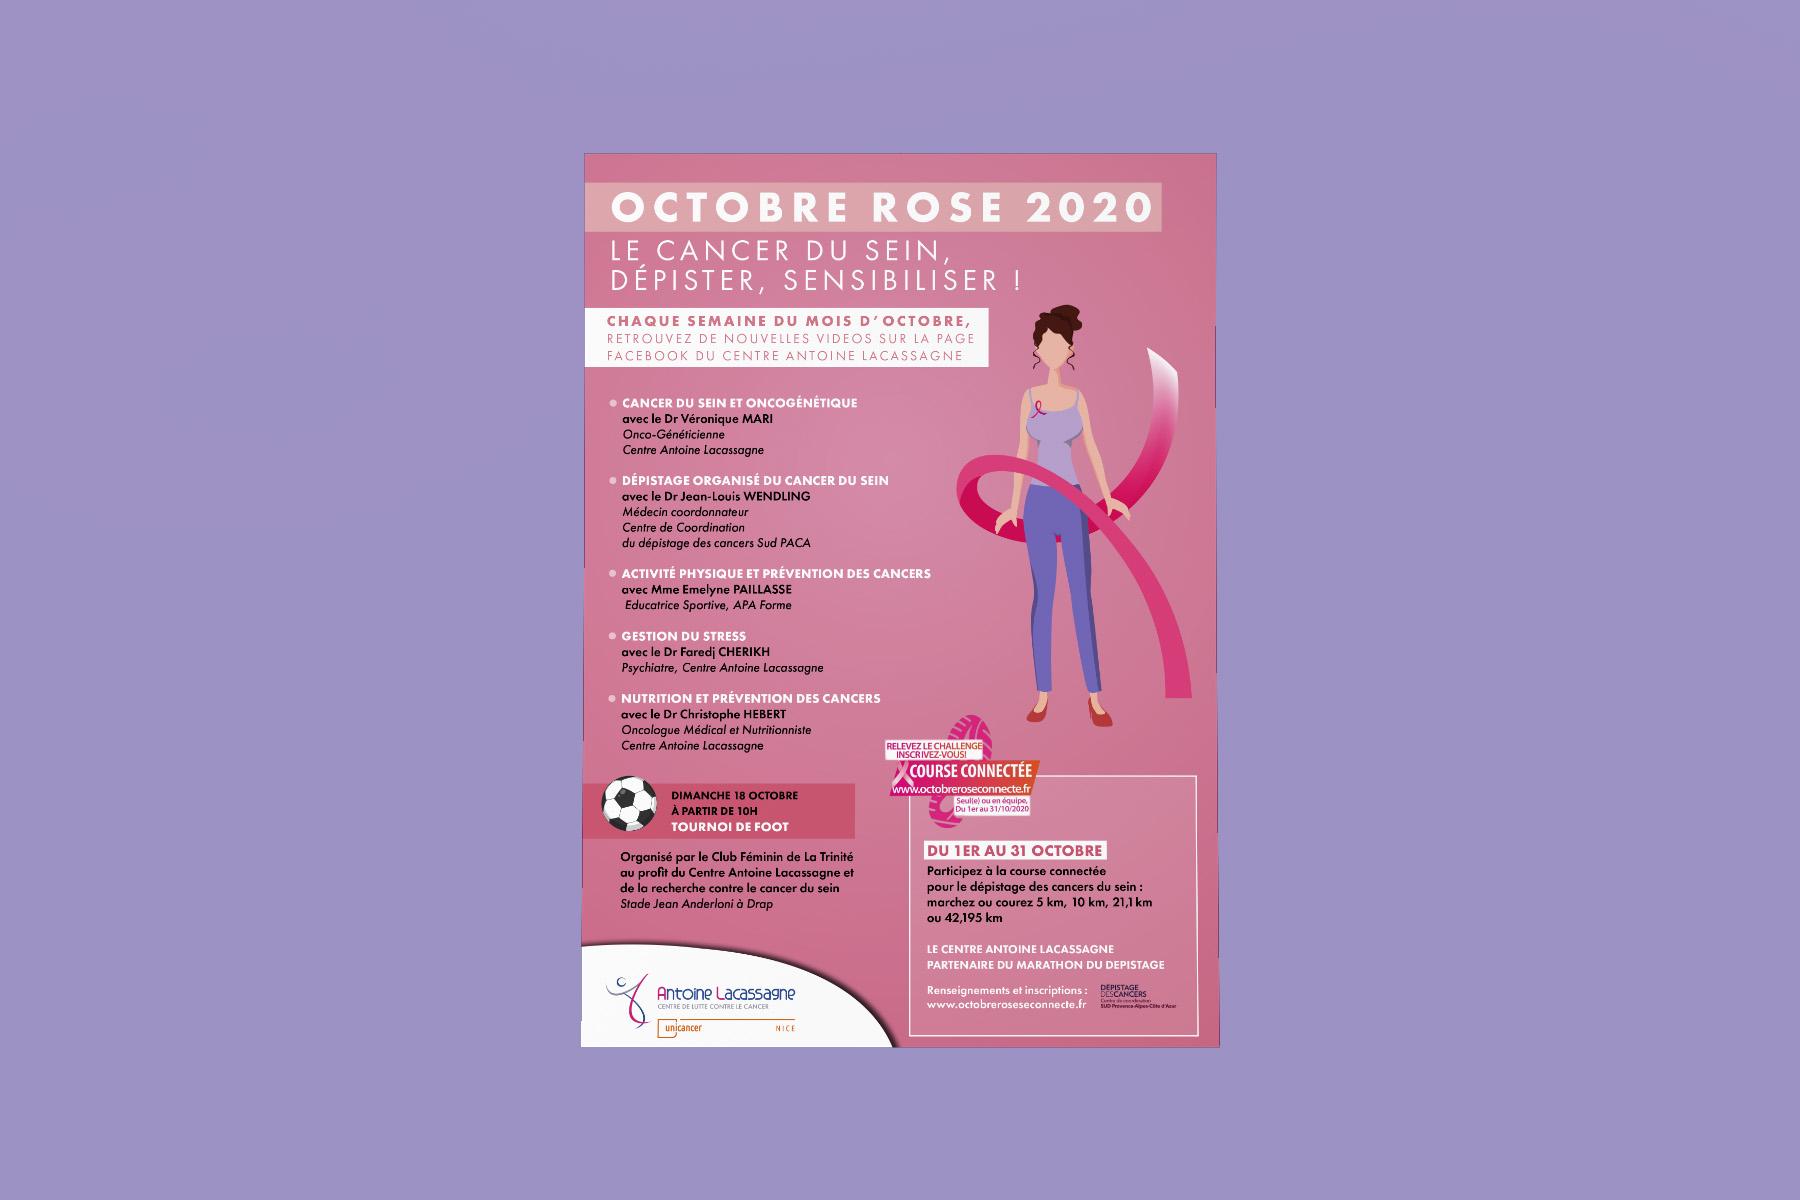 Visuel affiche Octobre Rose Centre antoine Lacassagne